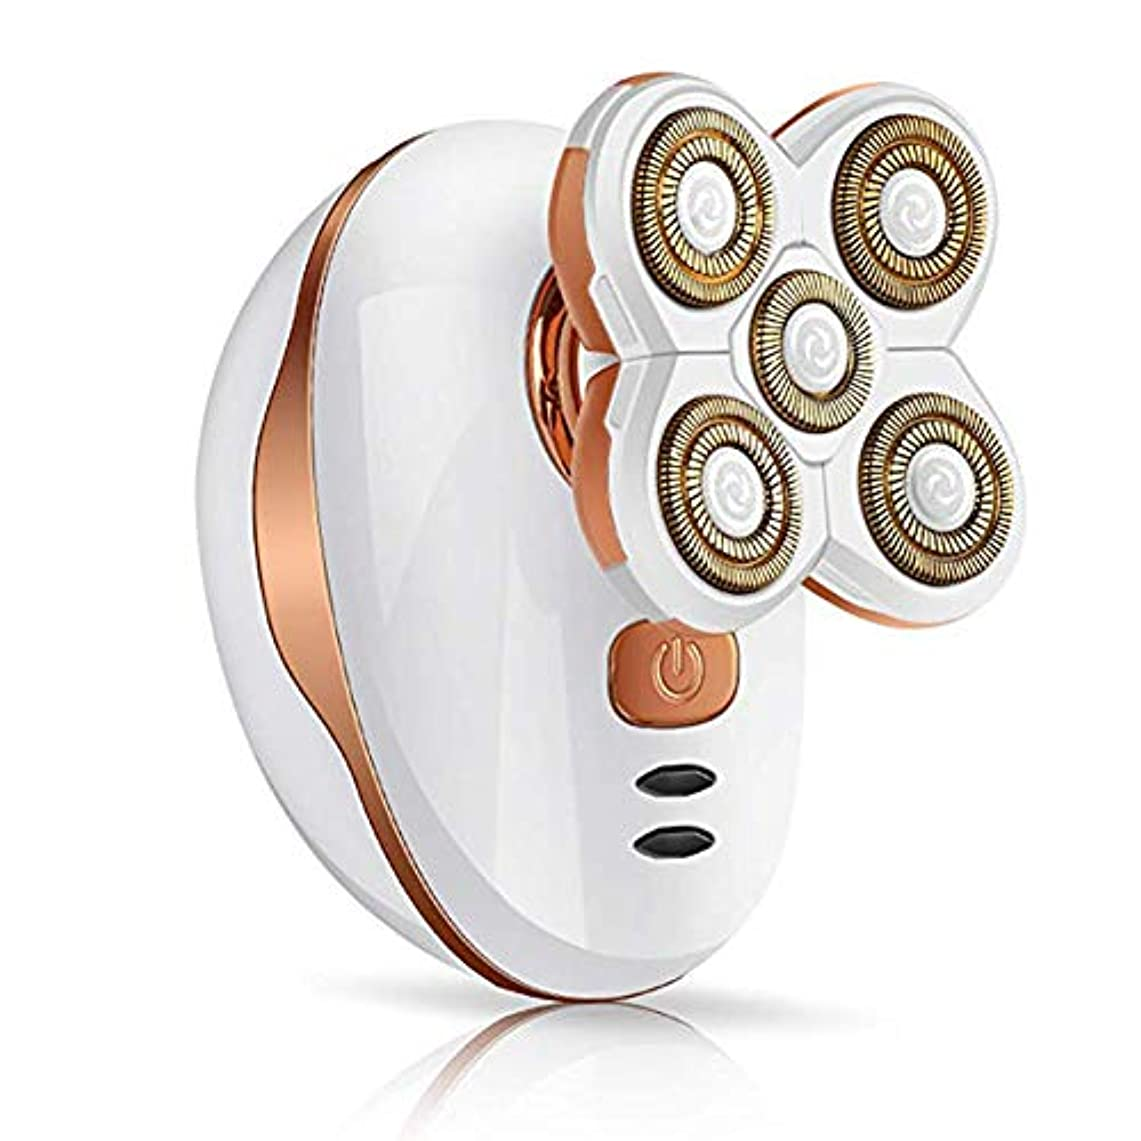 大騒ぎ書士祭司ウェットドライ電気ロータリーシェーバー、5フローティングヘッド付きコードレス防水カミソリヘッドシェーバー旅行や家庭での使用のための高速USB充電セキュリティロックモード